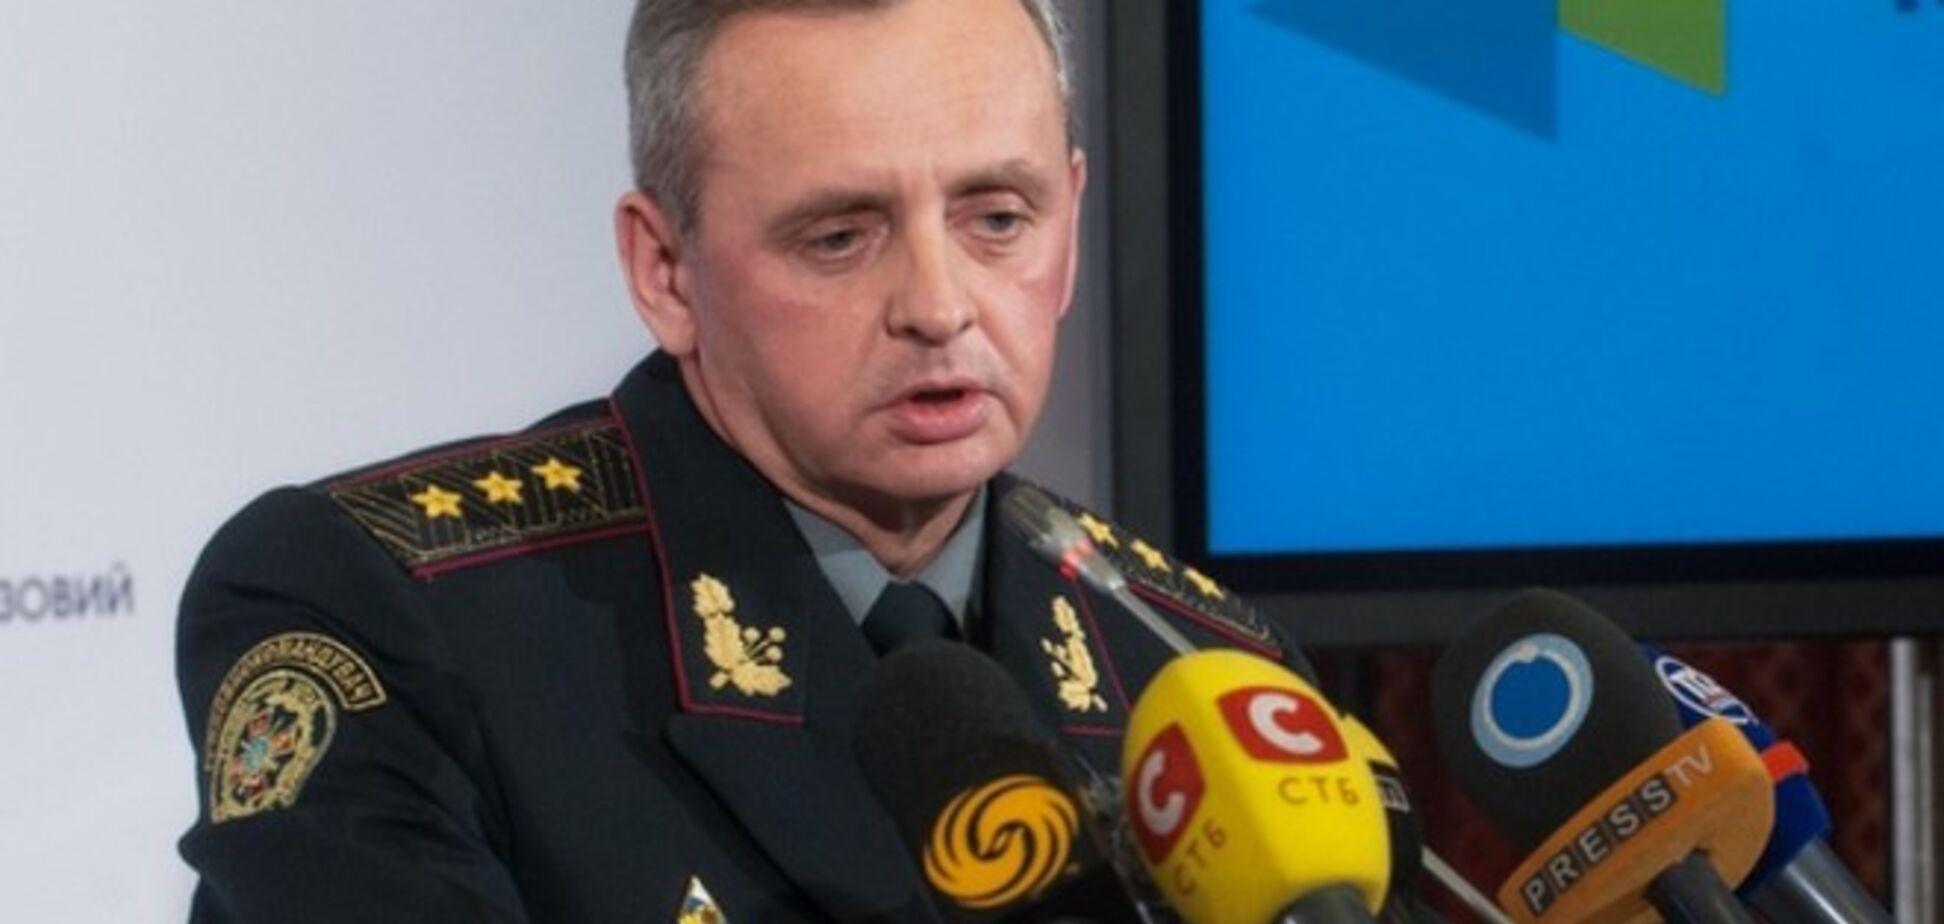 Профільний комітет ВР виступив за звільнення Муженка з поста начальника Генштабу